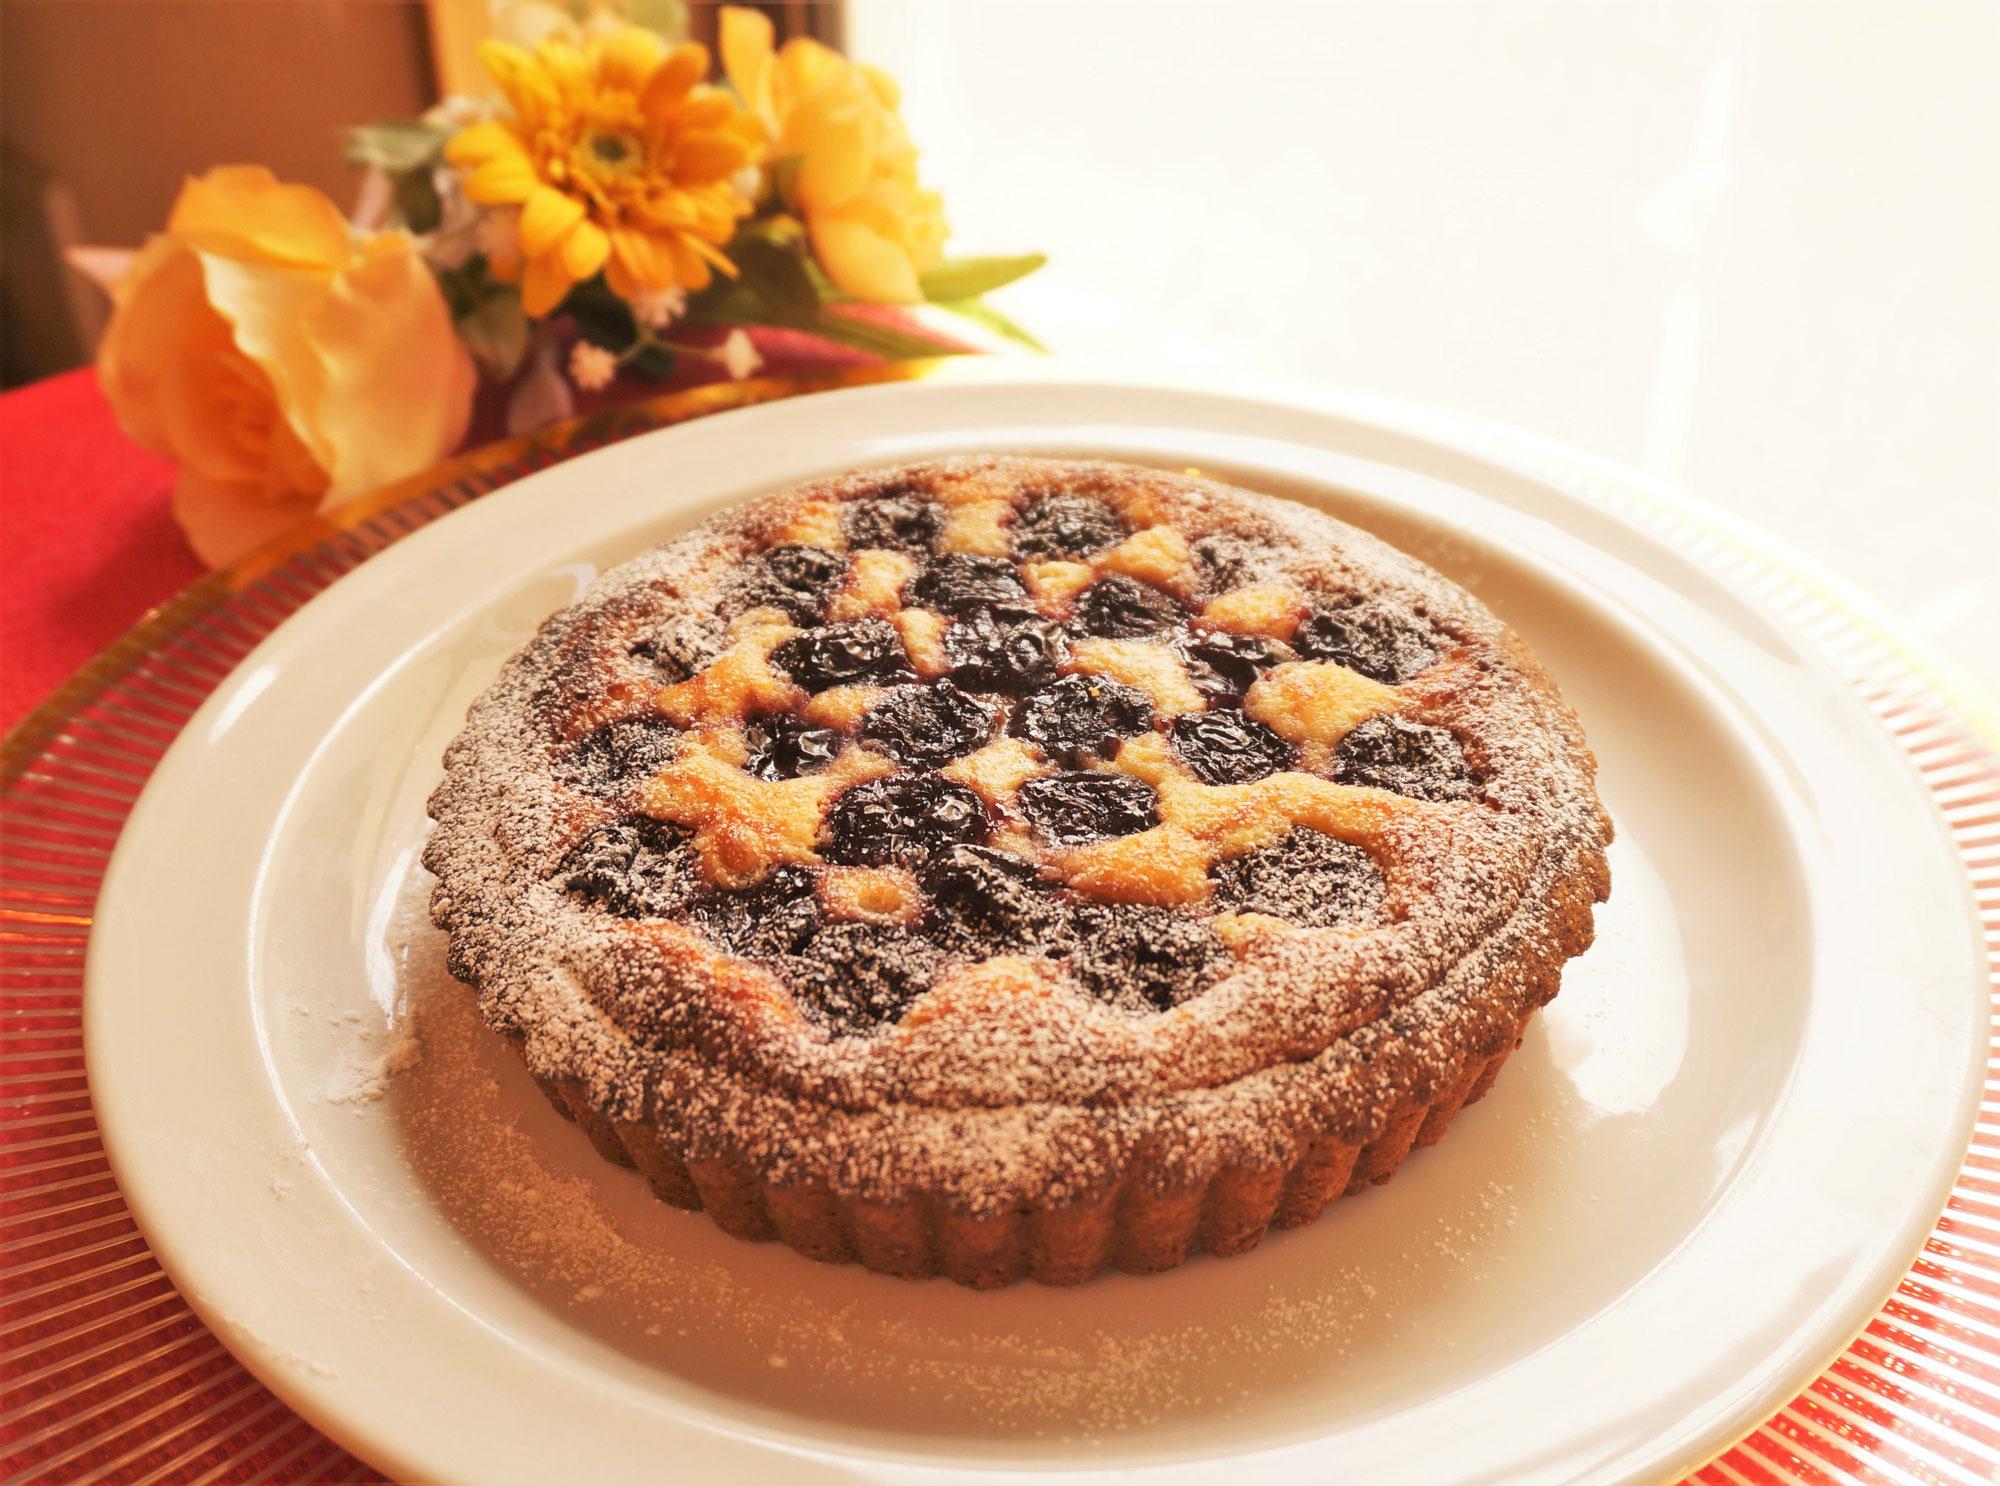 ラカントで作るクッキーがまずくなる3つの理由とは?低糖質スイーツ作り